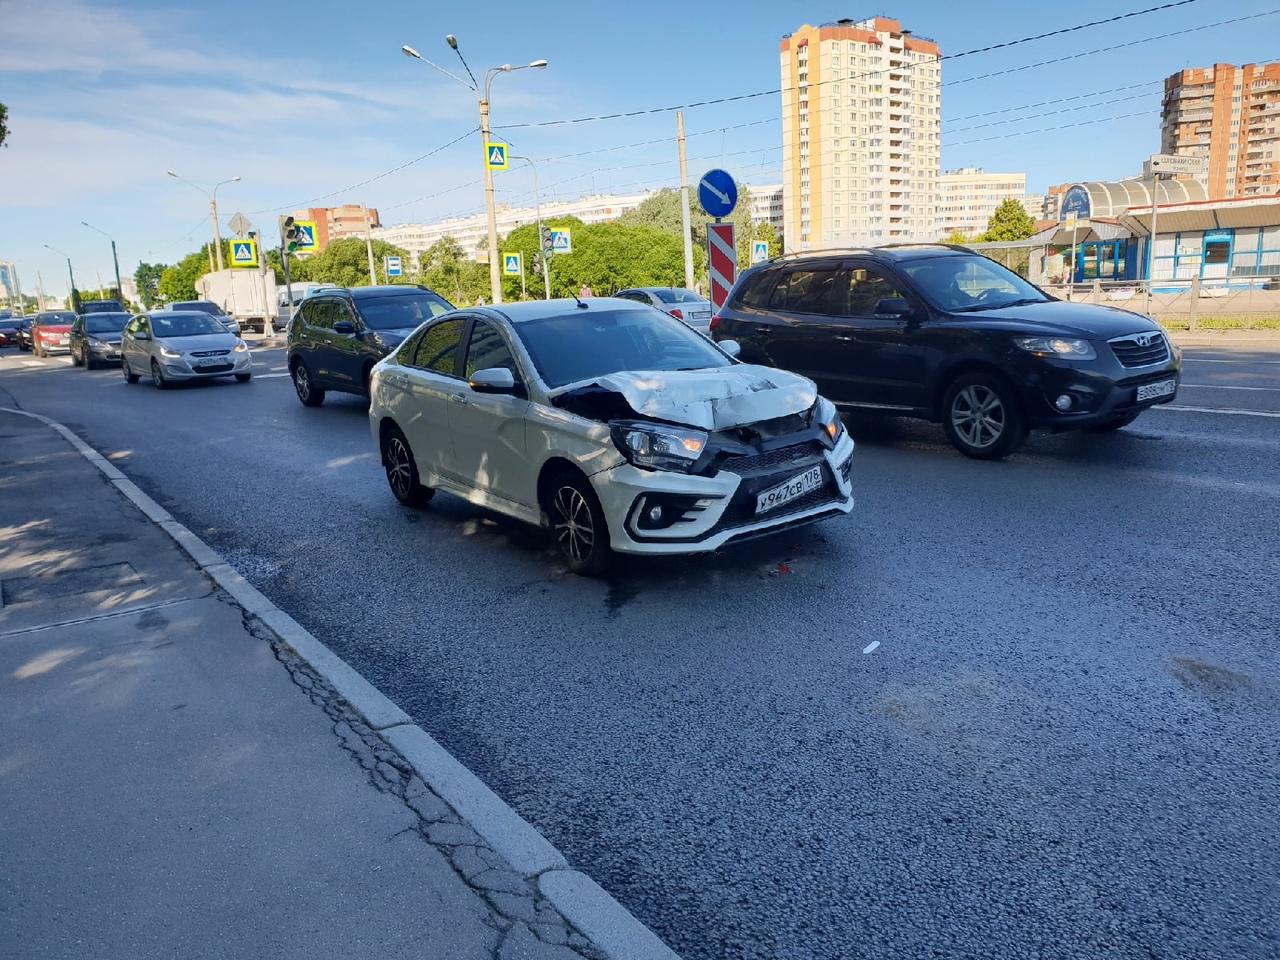 На проспекте Стачек у Соломахинского проезда занят правый ряд помятой Ладой. Проезду мешает.